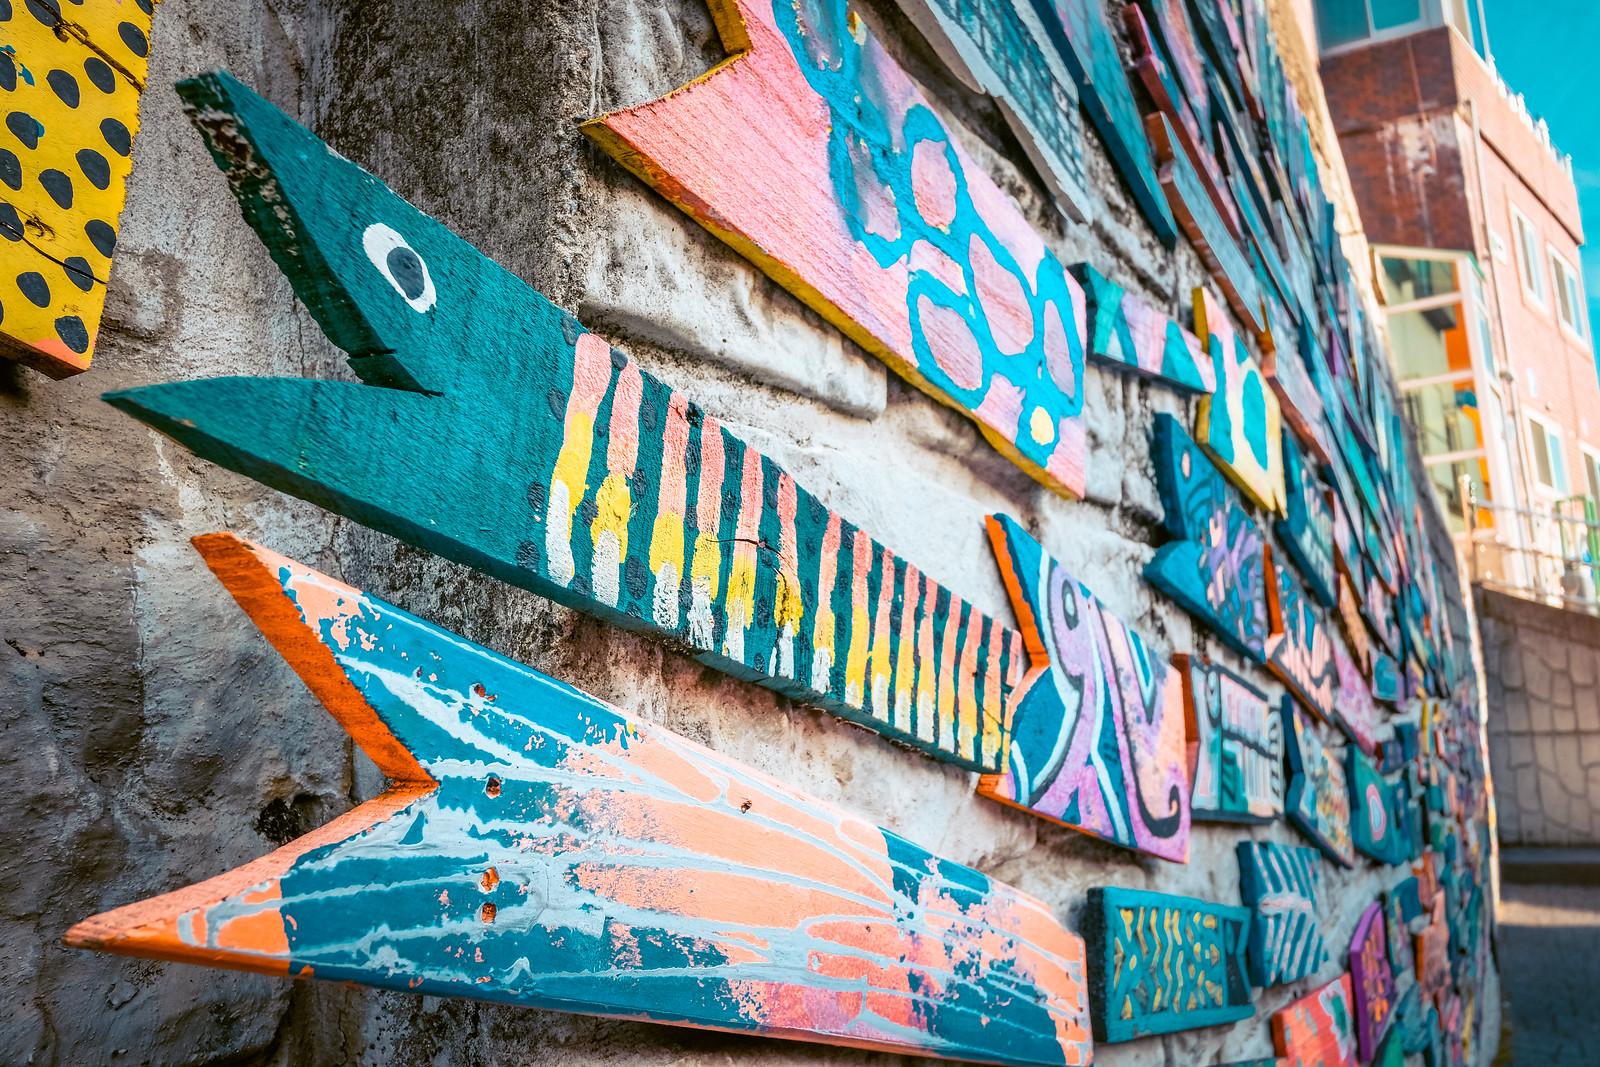 Street Art in Gamcheon Culture Village